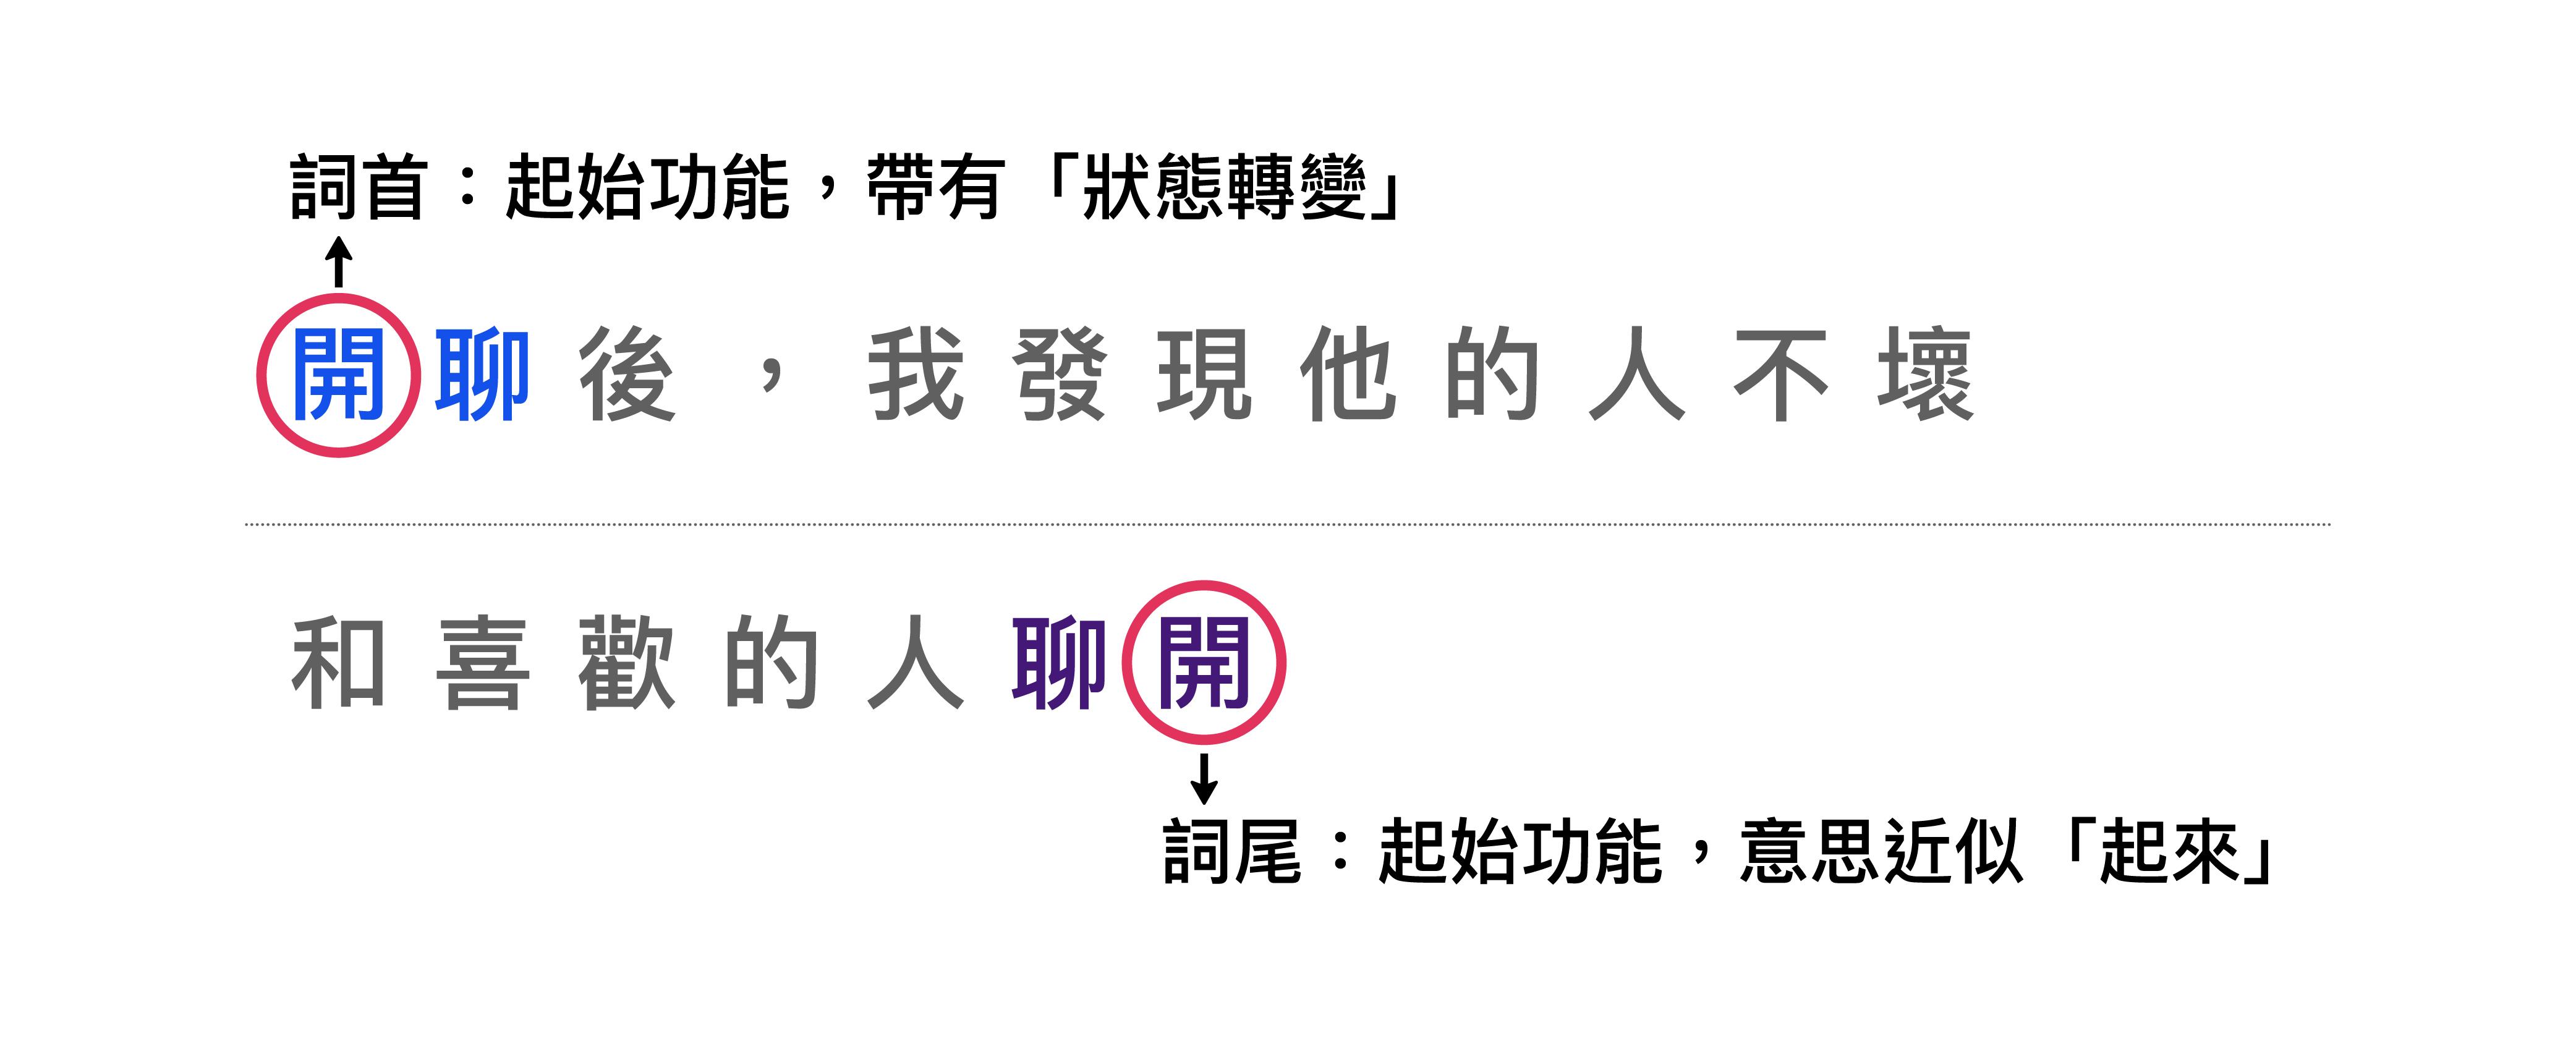 「開」的複合動詞結構舉例。 圖│〈現代漢語複合動詞之詞首詞尾研究〉,作者:邱智銘、駱季青、陳克健